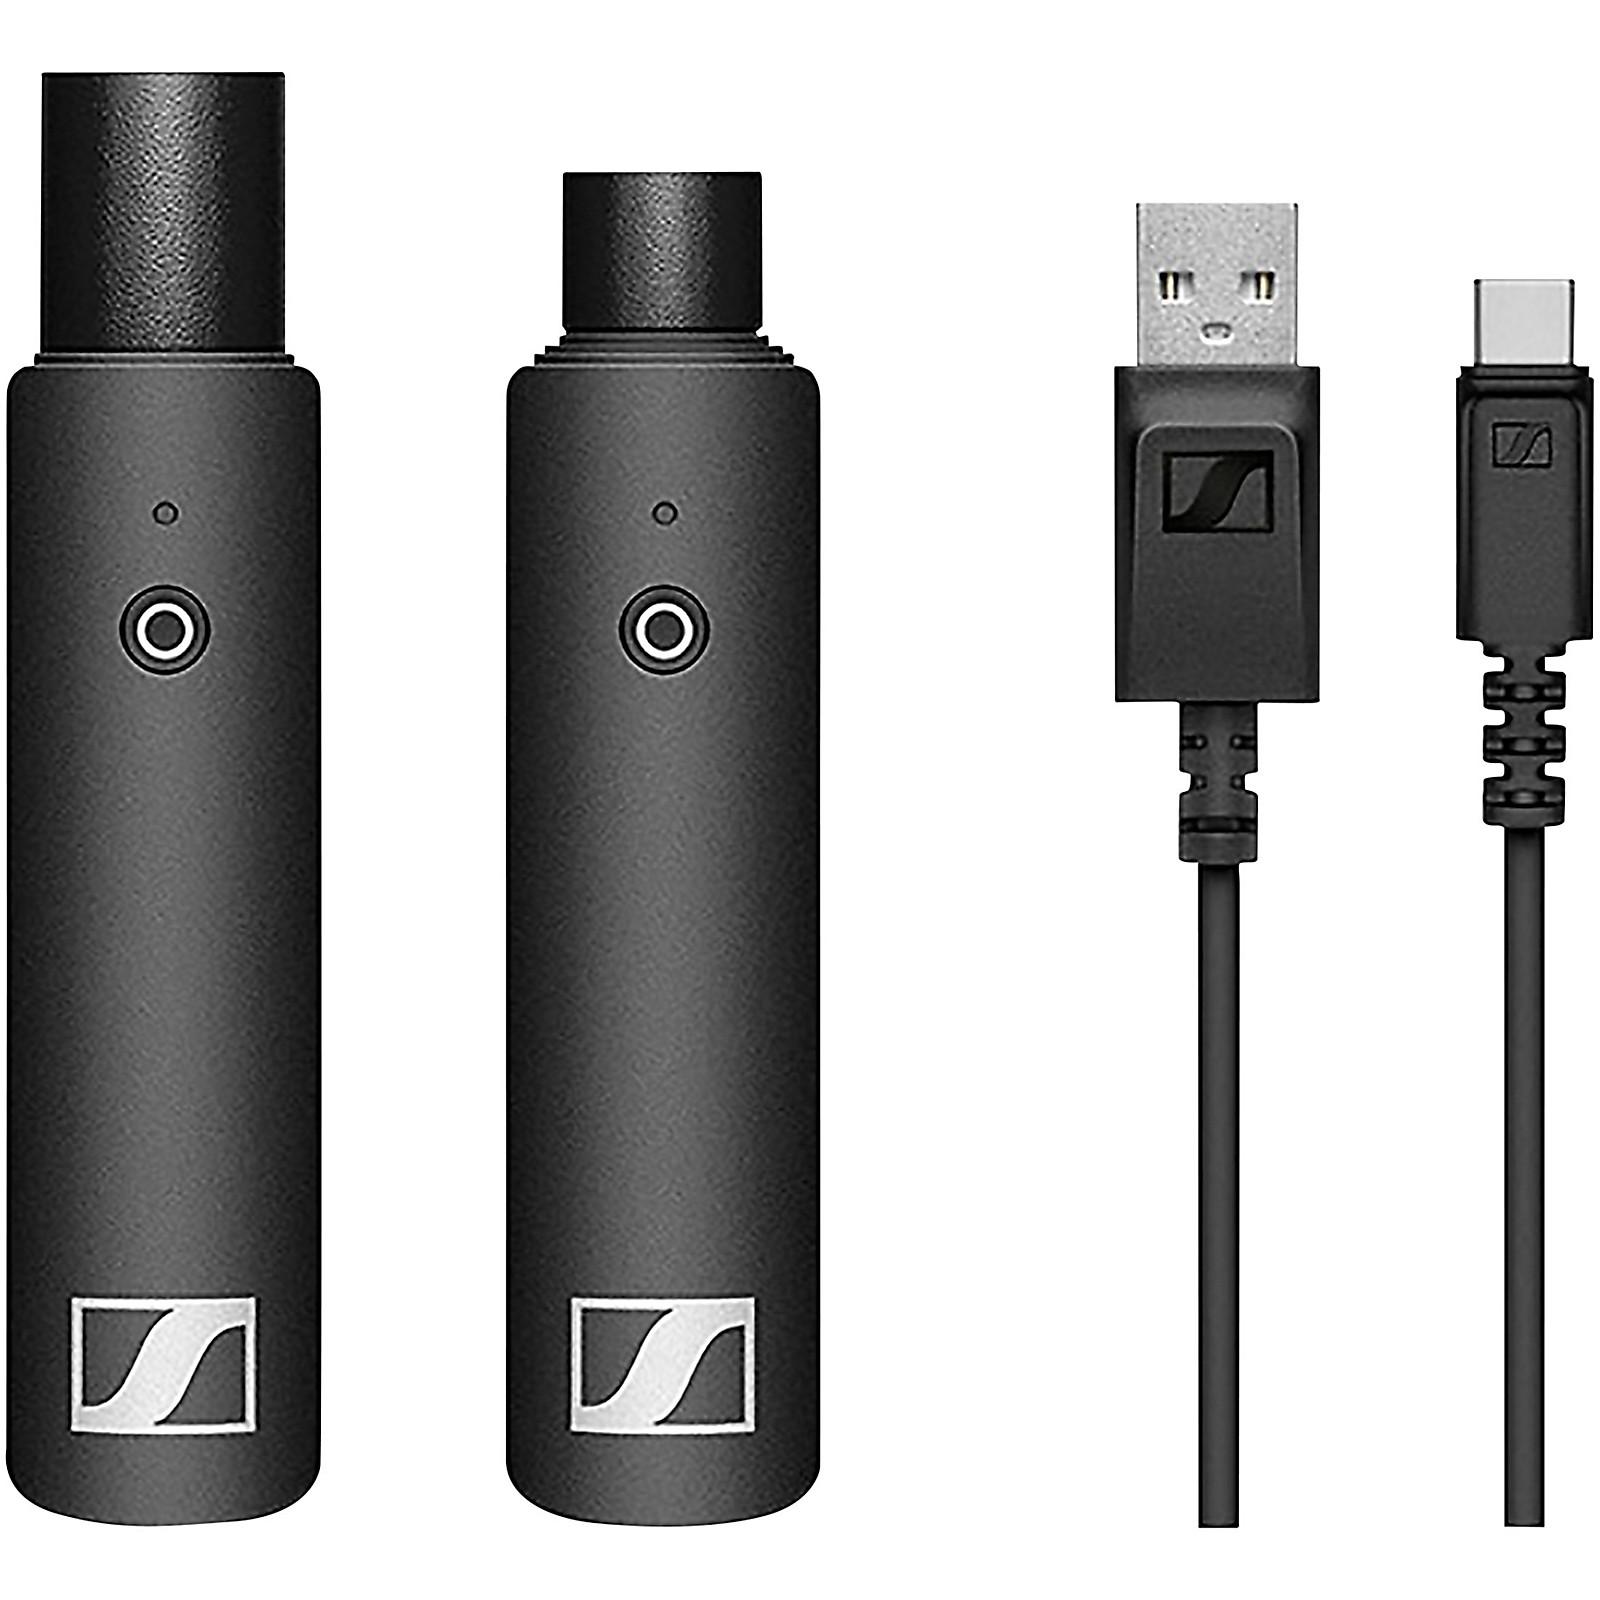 Sennheiser XSW-D XLR BASE SET Digital XLR Wireless System (Mic NOT included)